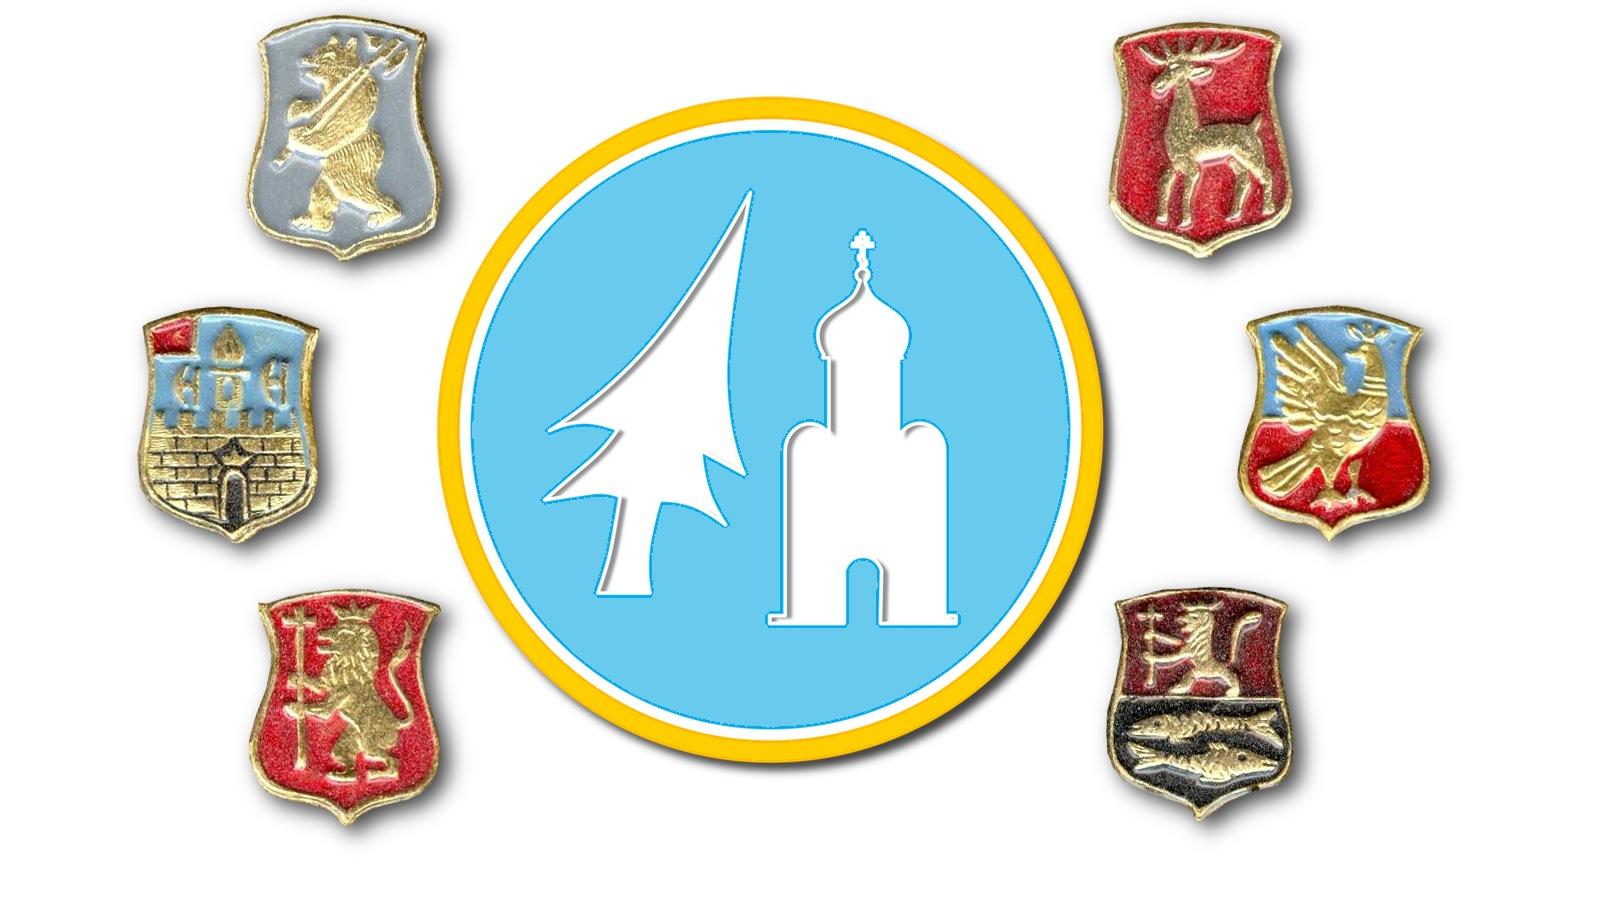 Гербы городов Золотого кольца и логотип Золотого кольца выходного дня